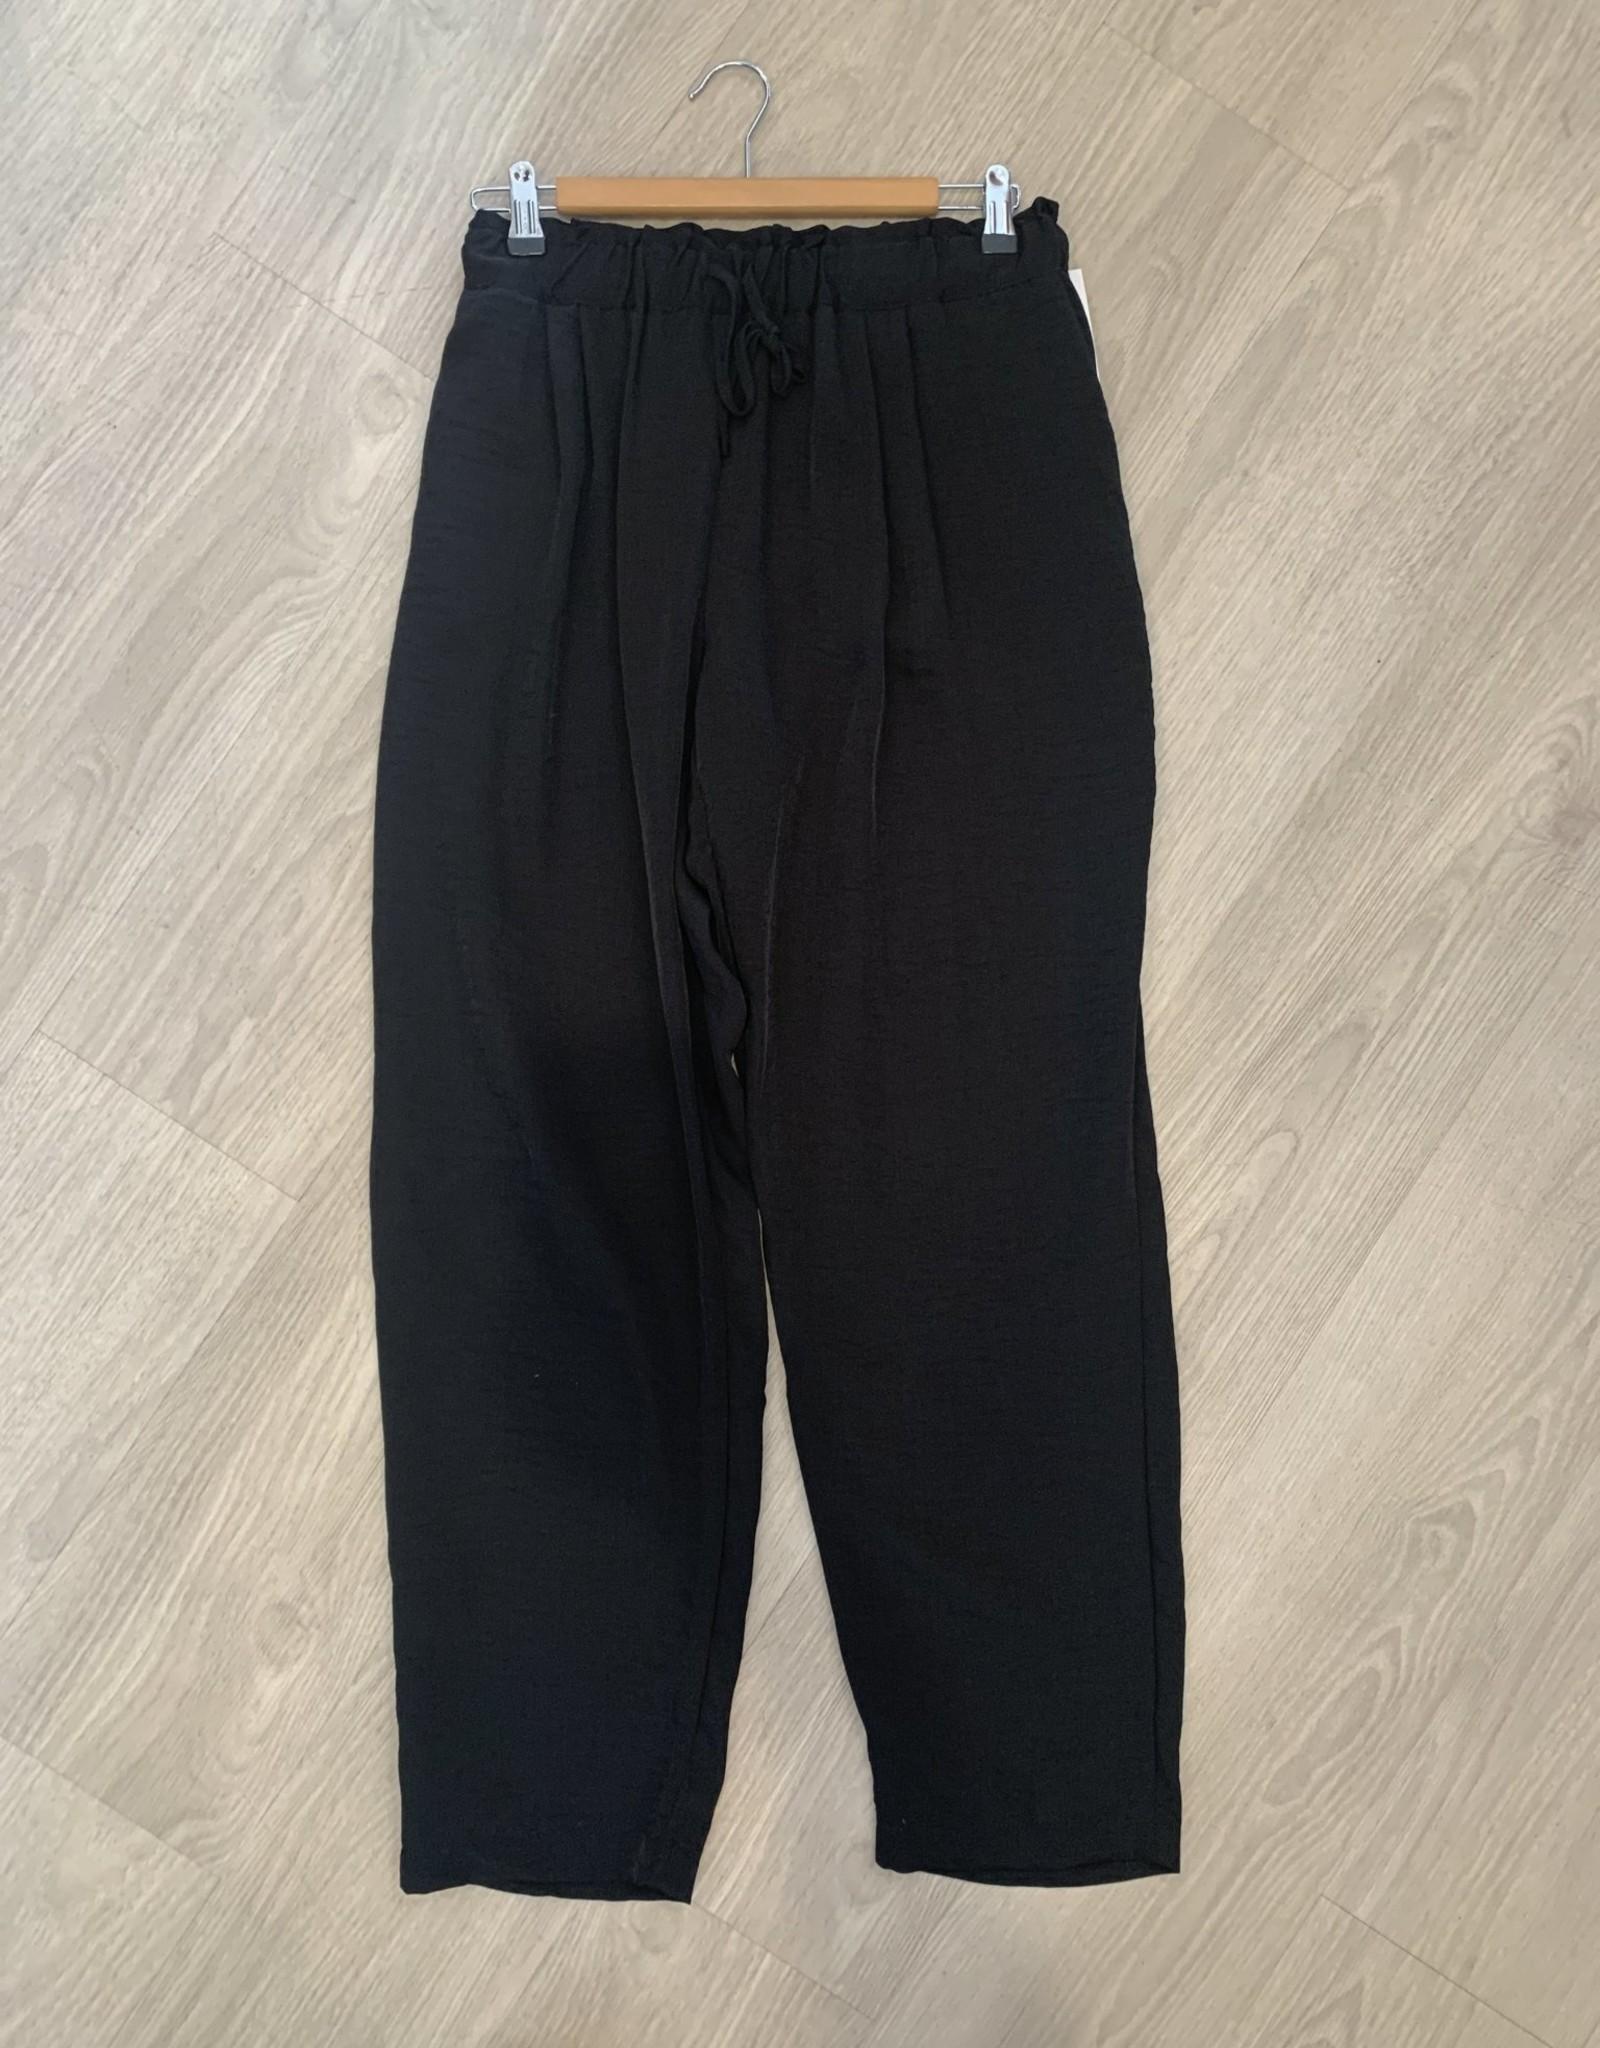 Trish G - Full Length Pants